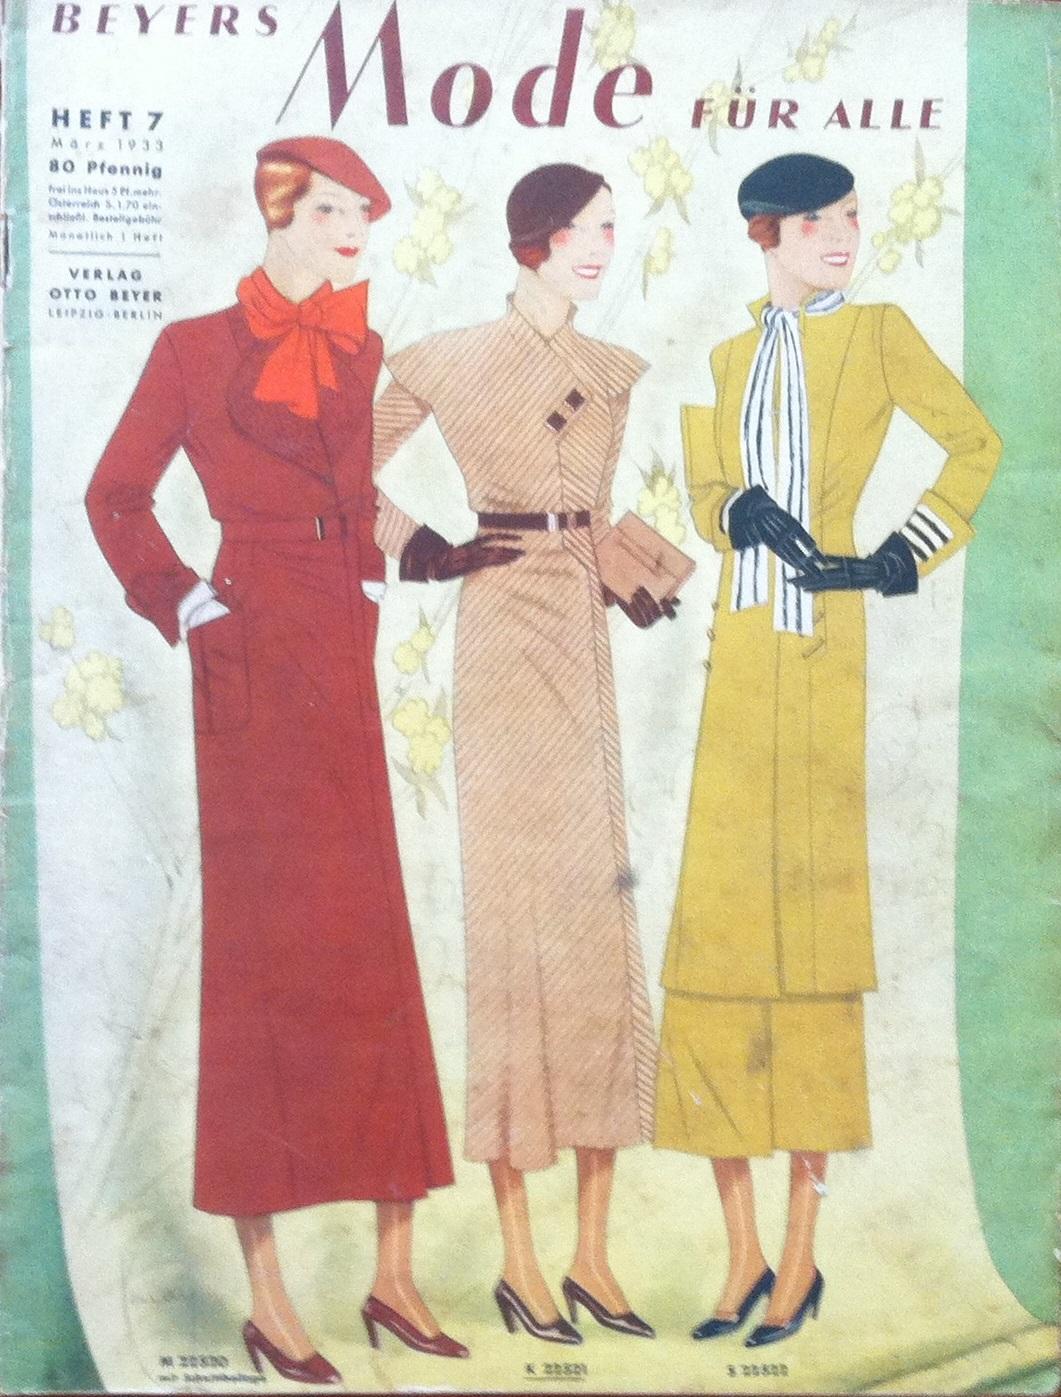 Beyers Mode für Alle No. 7 1933